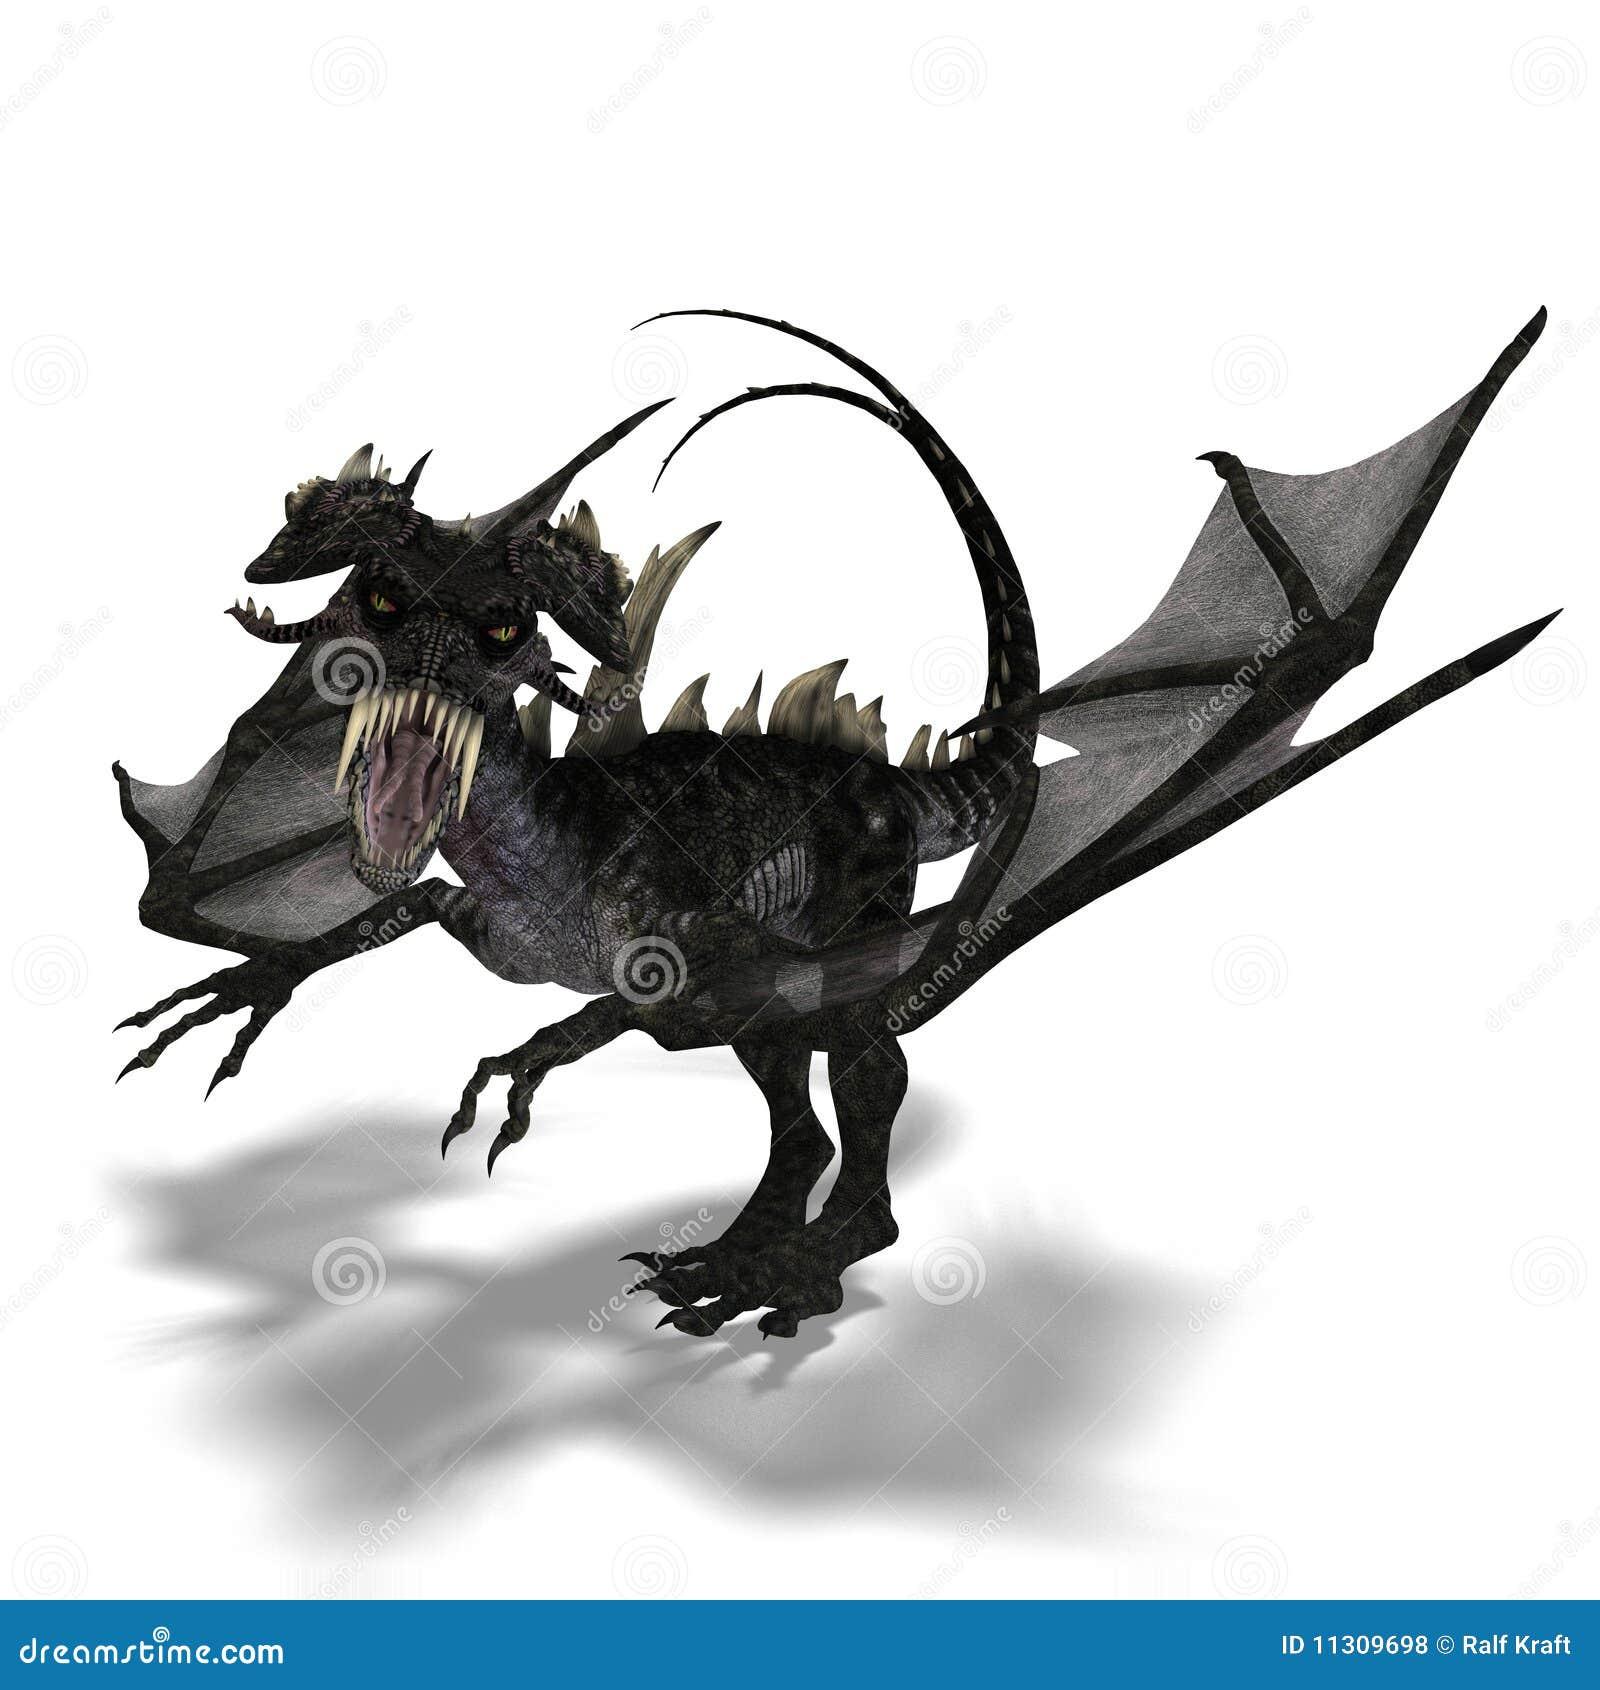 Riesiger erschreckender Drache mit Flügeln und Hupen